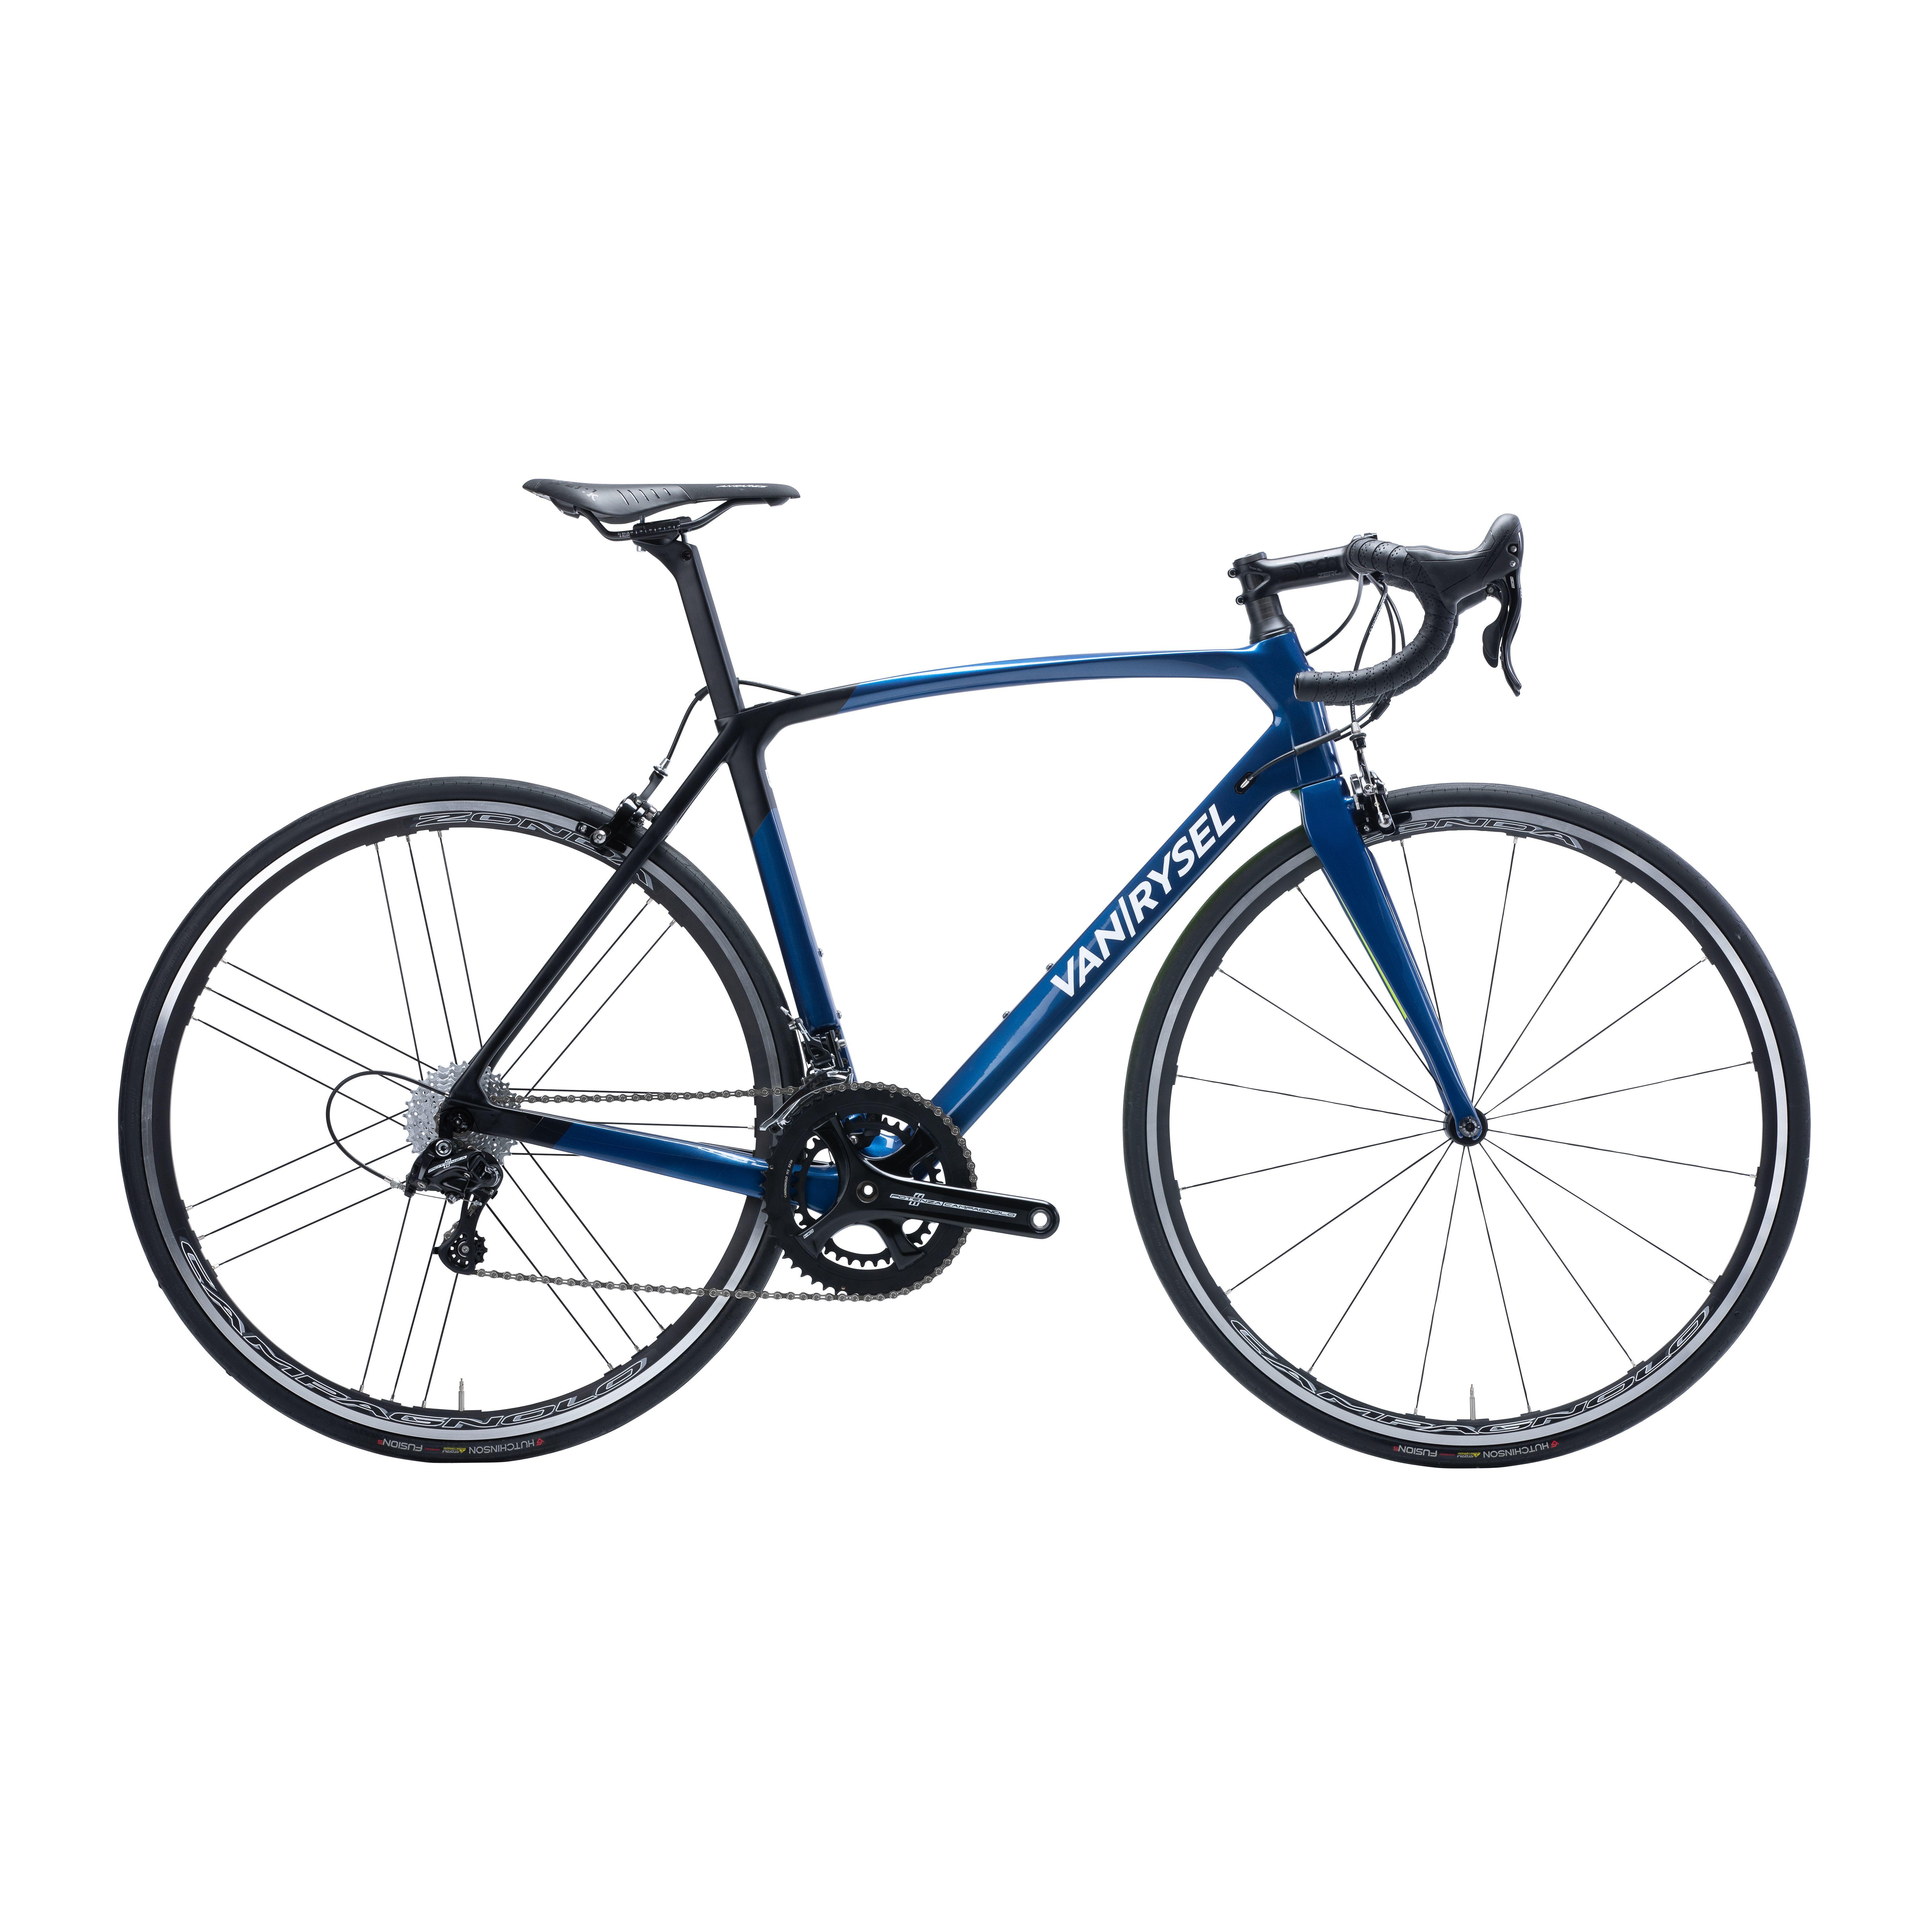 Bicicletă Şosea Ultra CF imagine produs